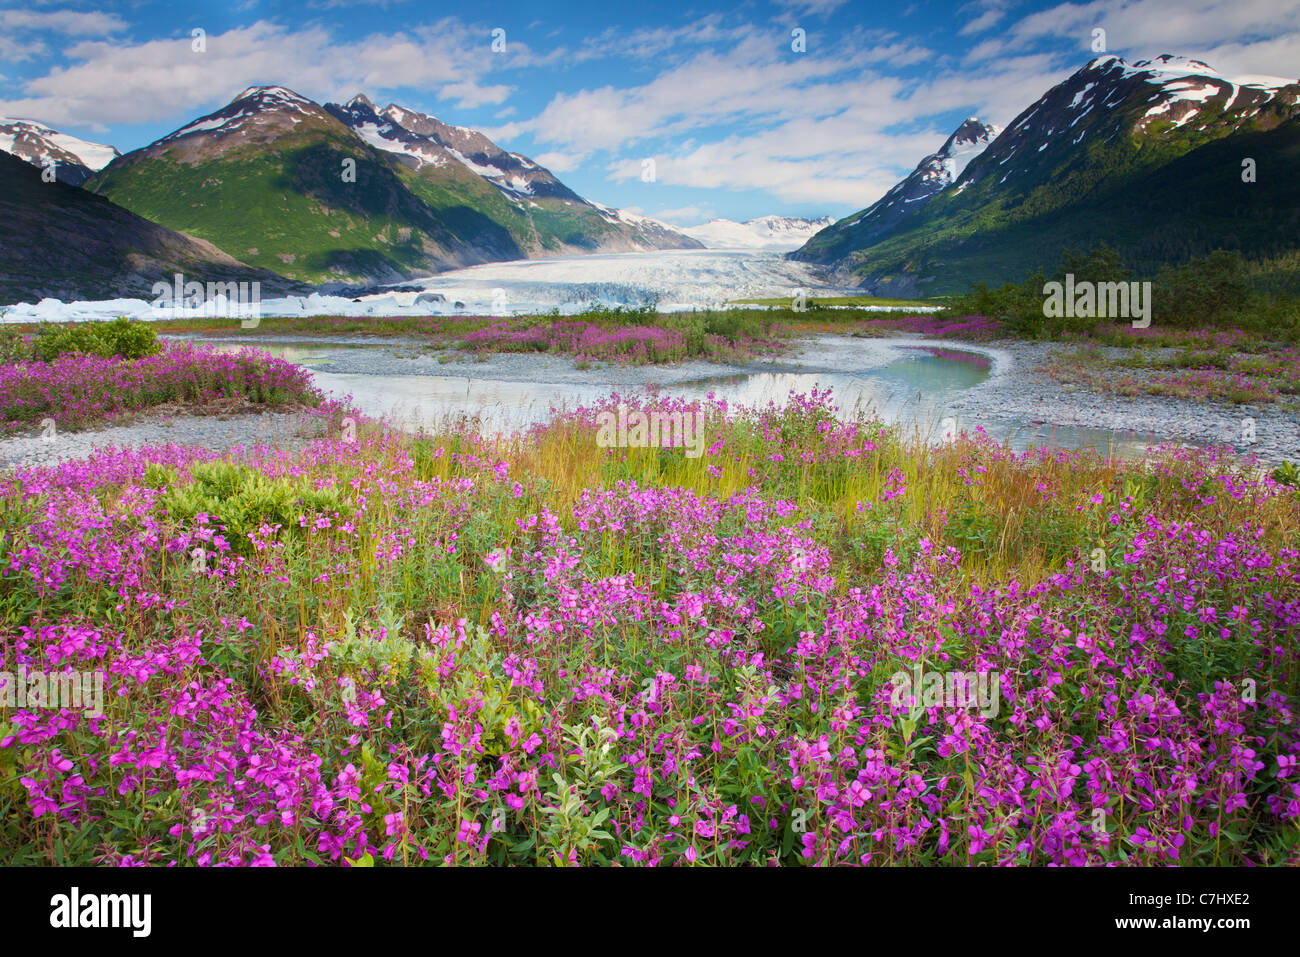 Flores silvestres en el Spencer Glaciar, Bosque Nacional Chugach, Alaska. Imagen De Stock